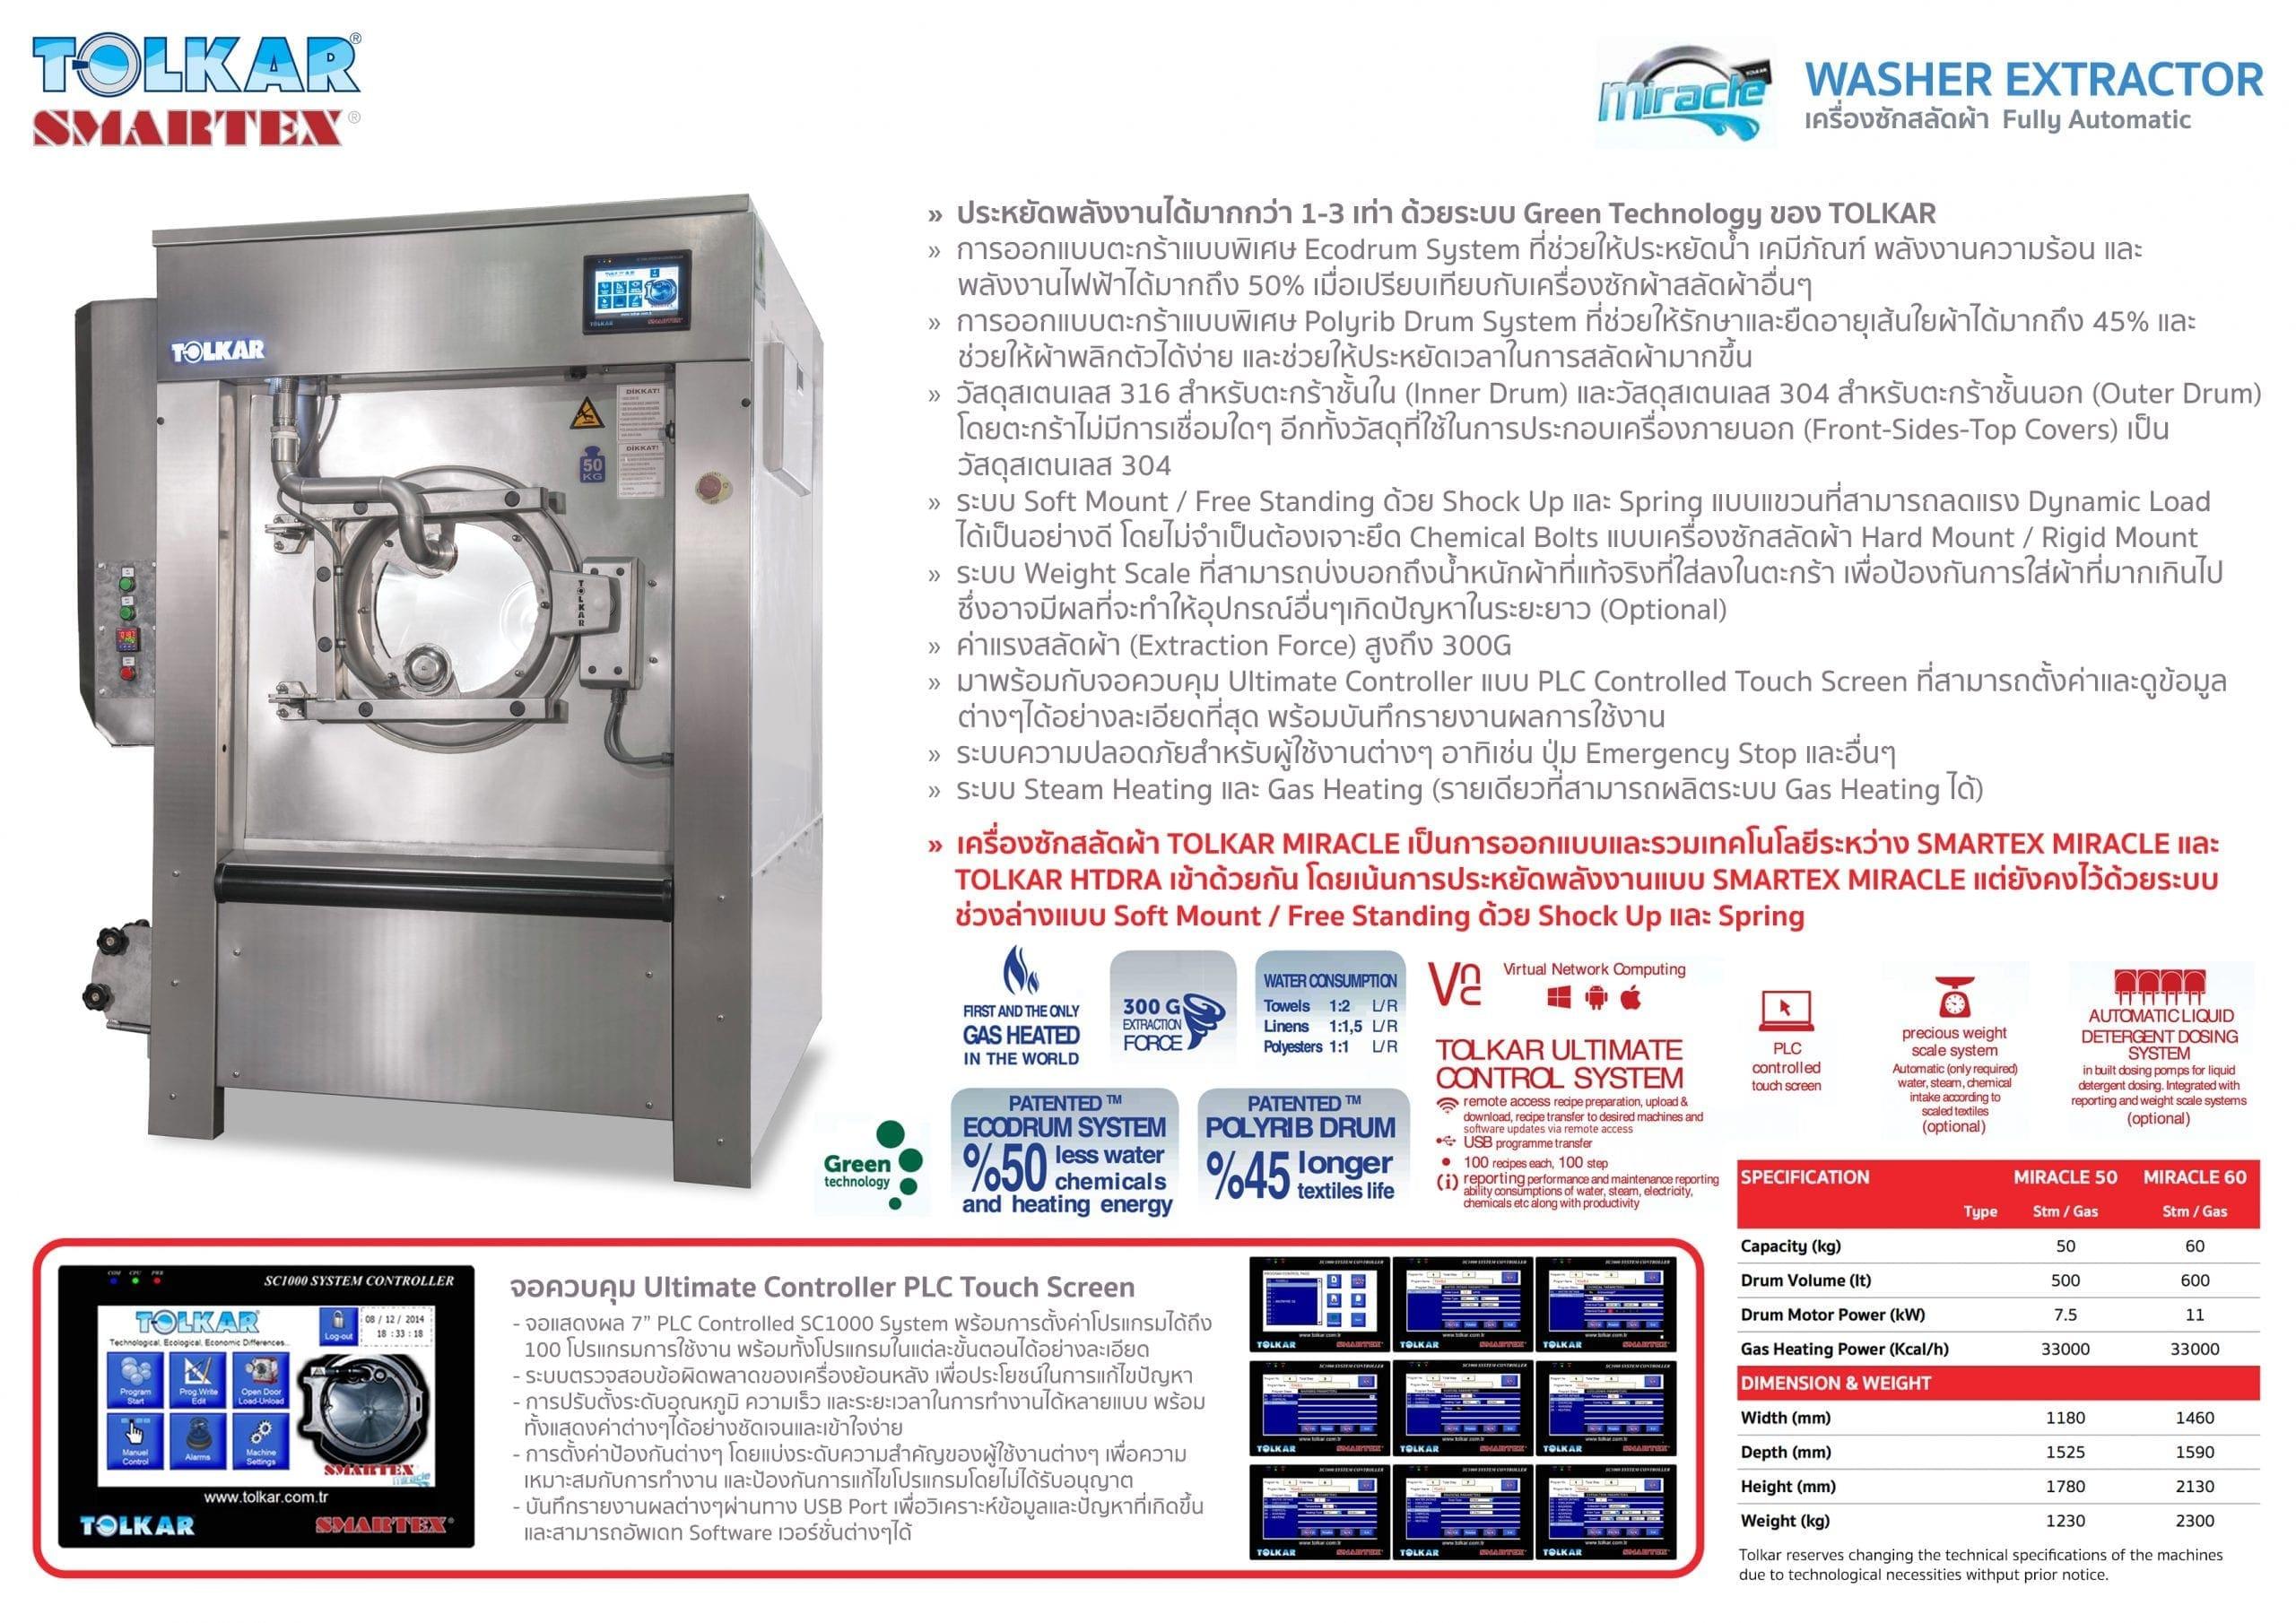 เครื่องซักผ้าอุตสาหกรรม TOLKAR MIRACLE ใช้แก๊สทำความร้อน